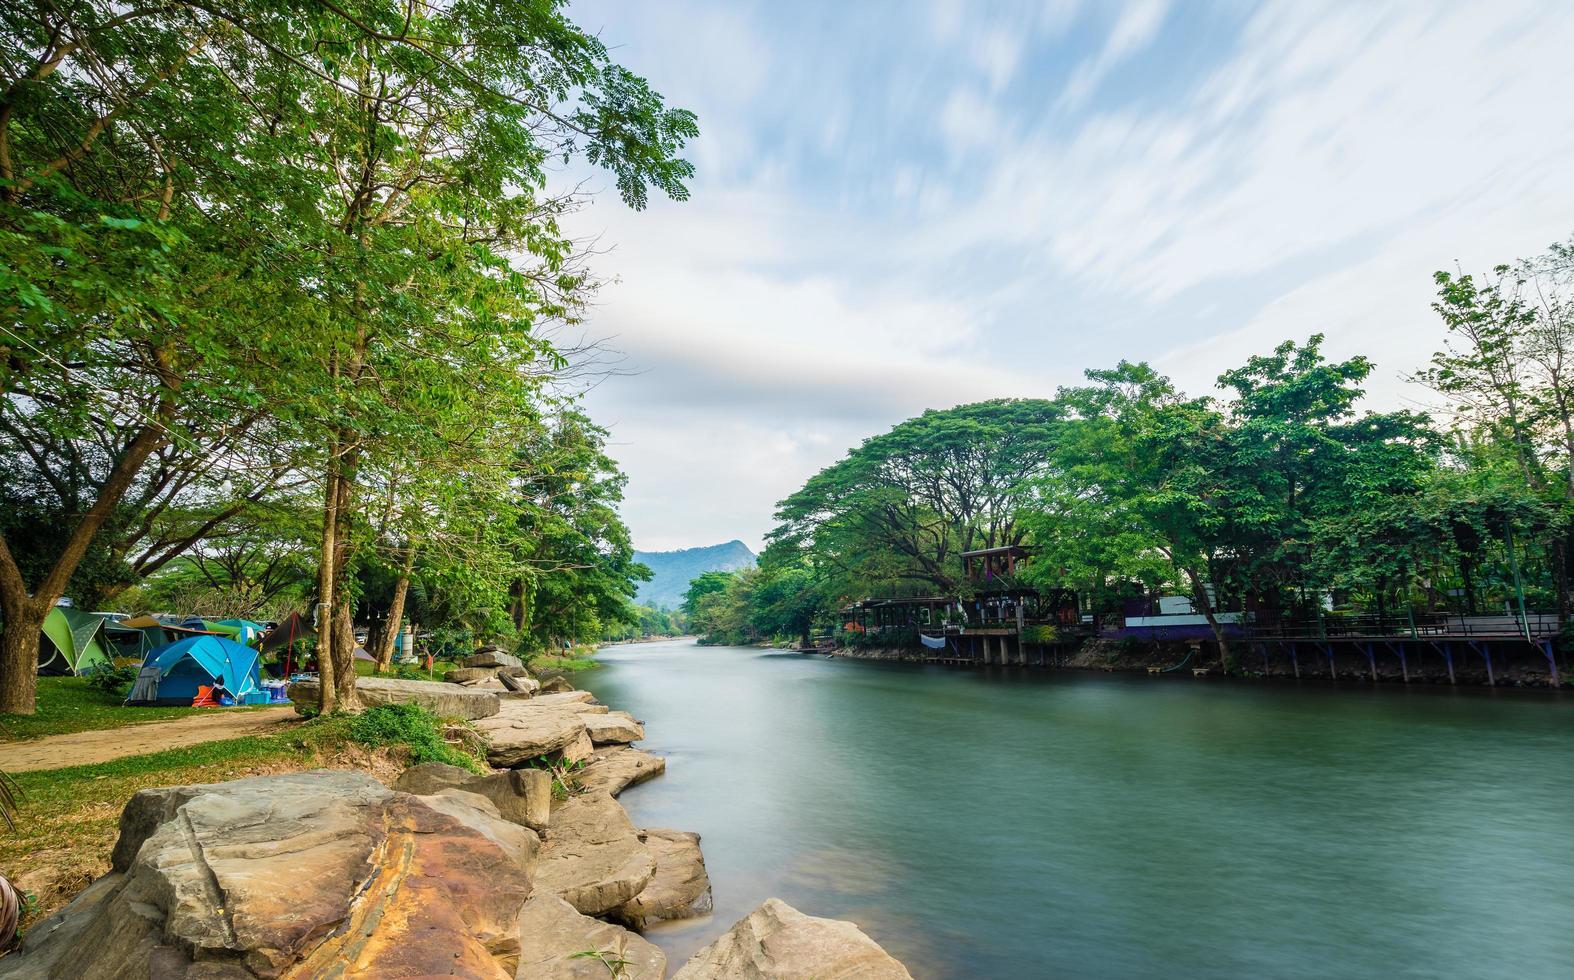 campeggio e tende vicino al fiume foto